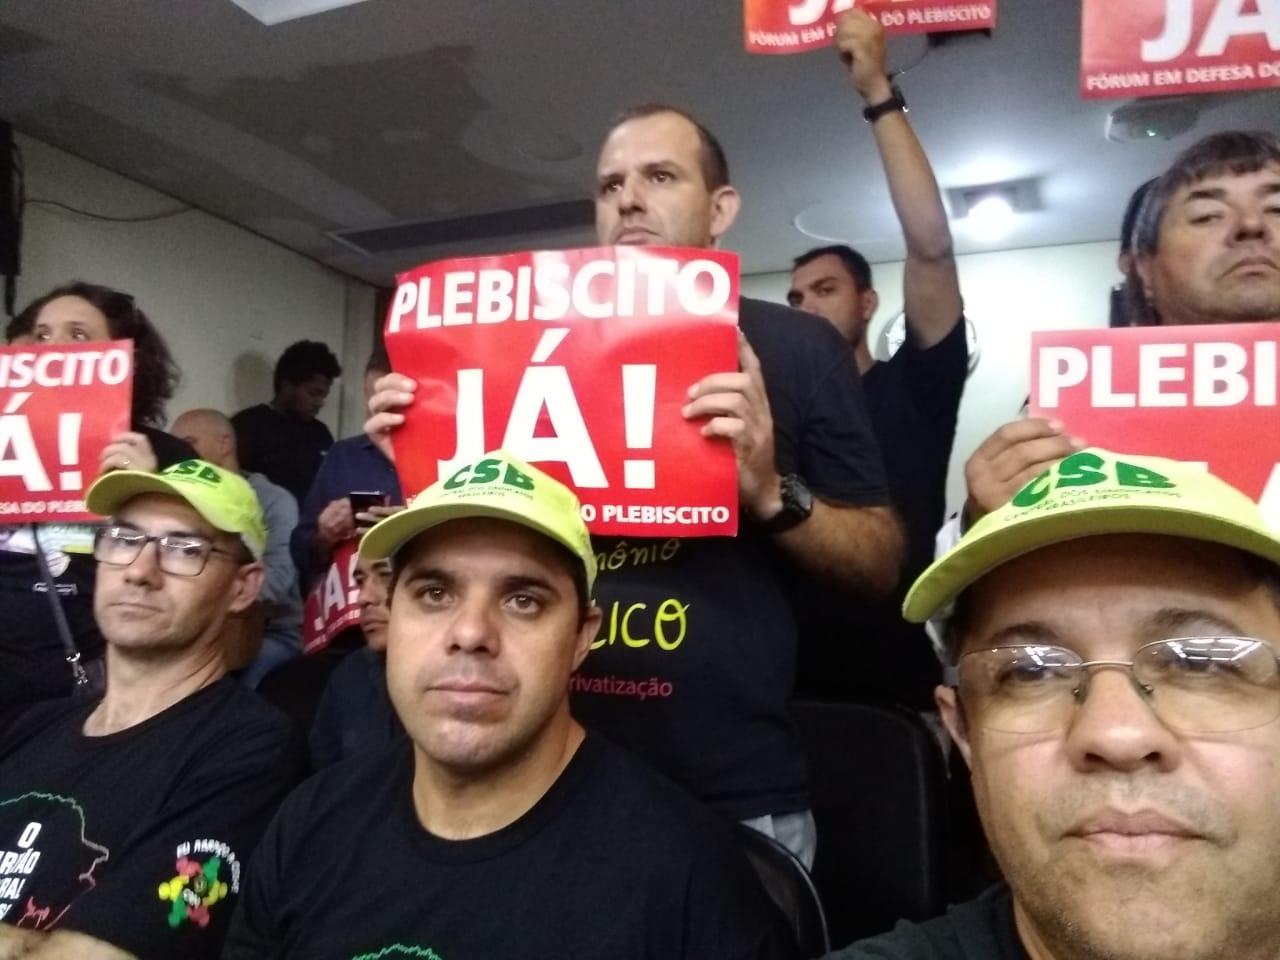 Assembleia Legislativa do RS aprova parecer que retira necessidade de plebiscito para privatização de estatais